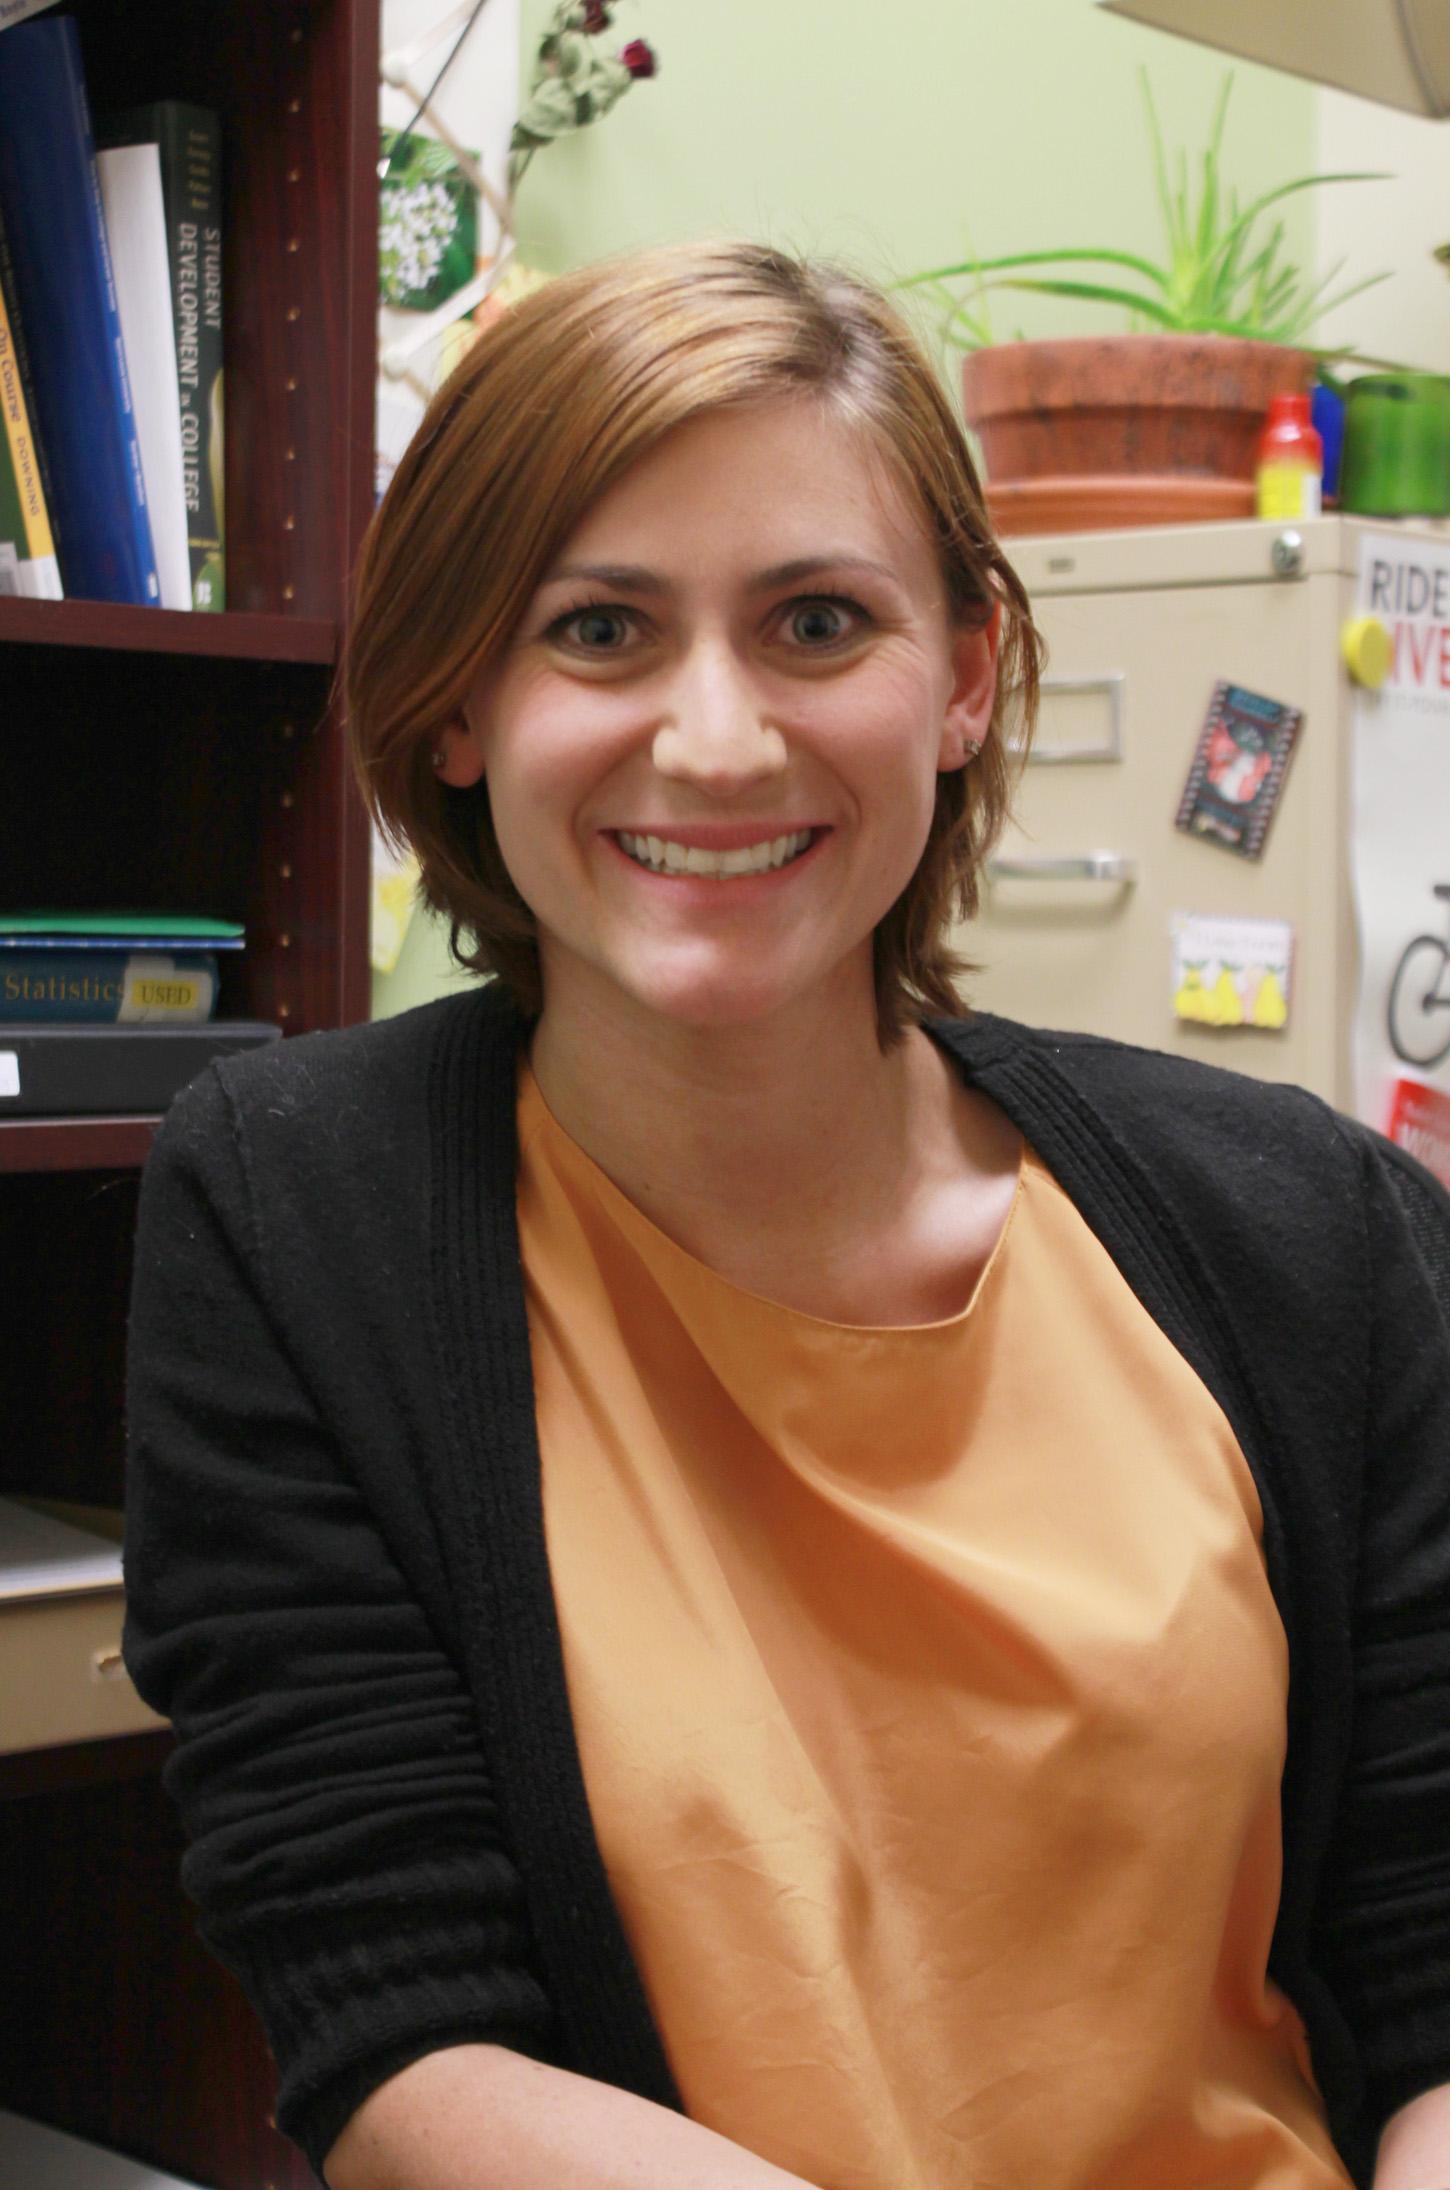 Kristen Miano / Editor in Chief